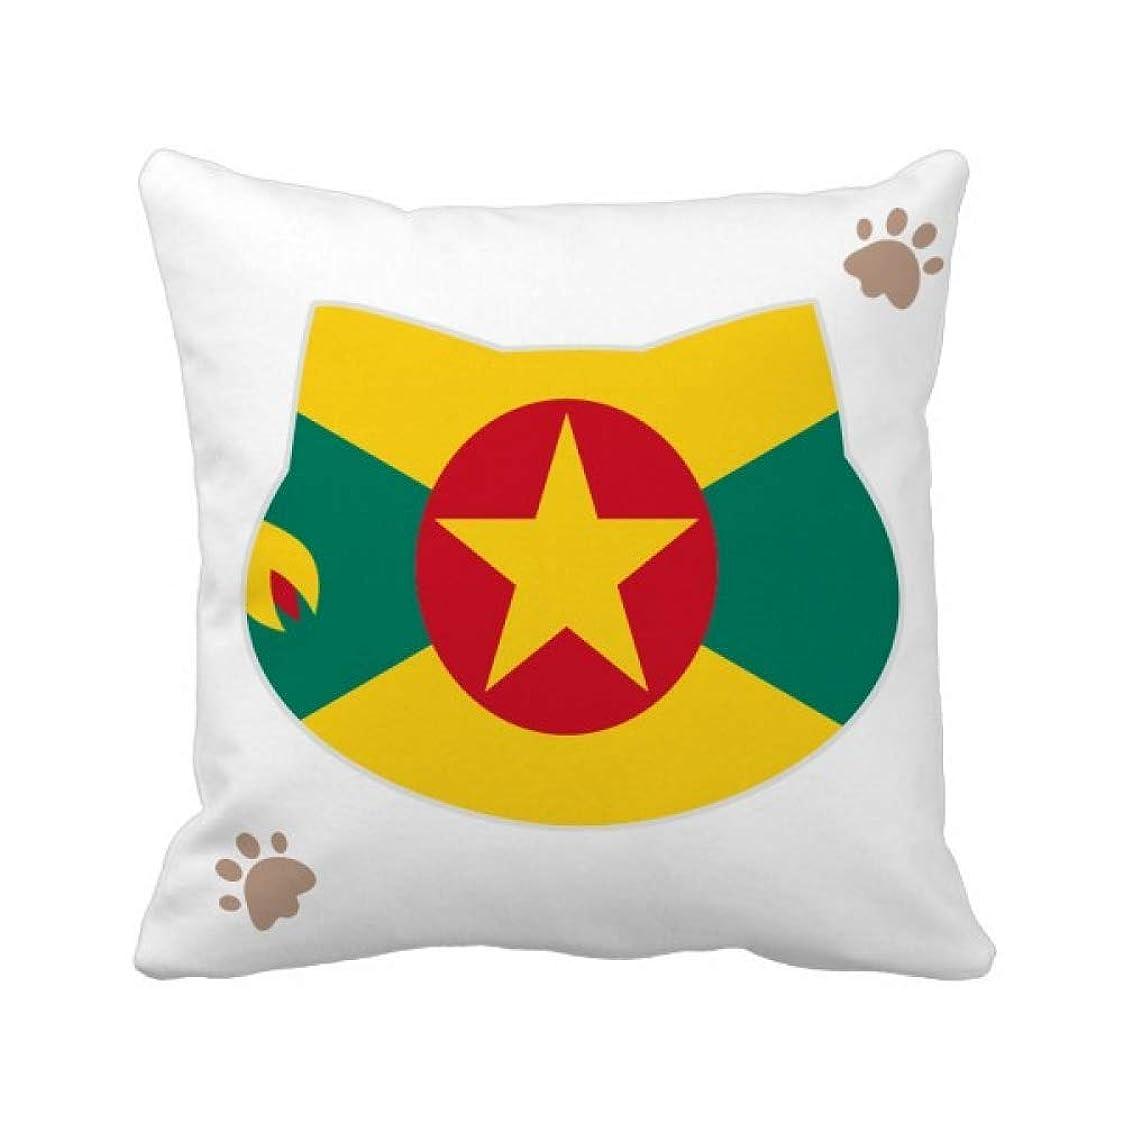 宿泊施設値下げレギュラーグレナダ島北アメリカの国家エンブレム 枕カバーを放り投げる猫広場 50cm x 50cm